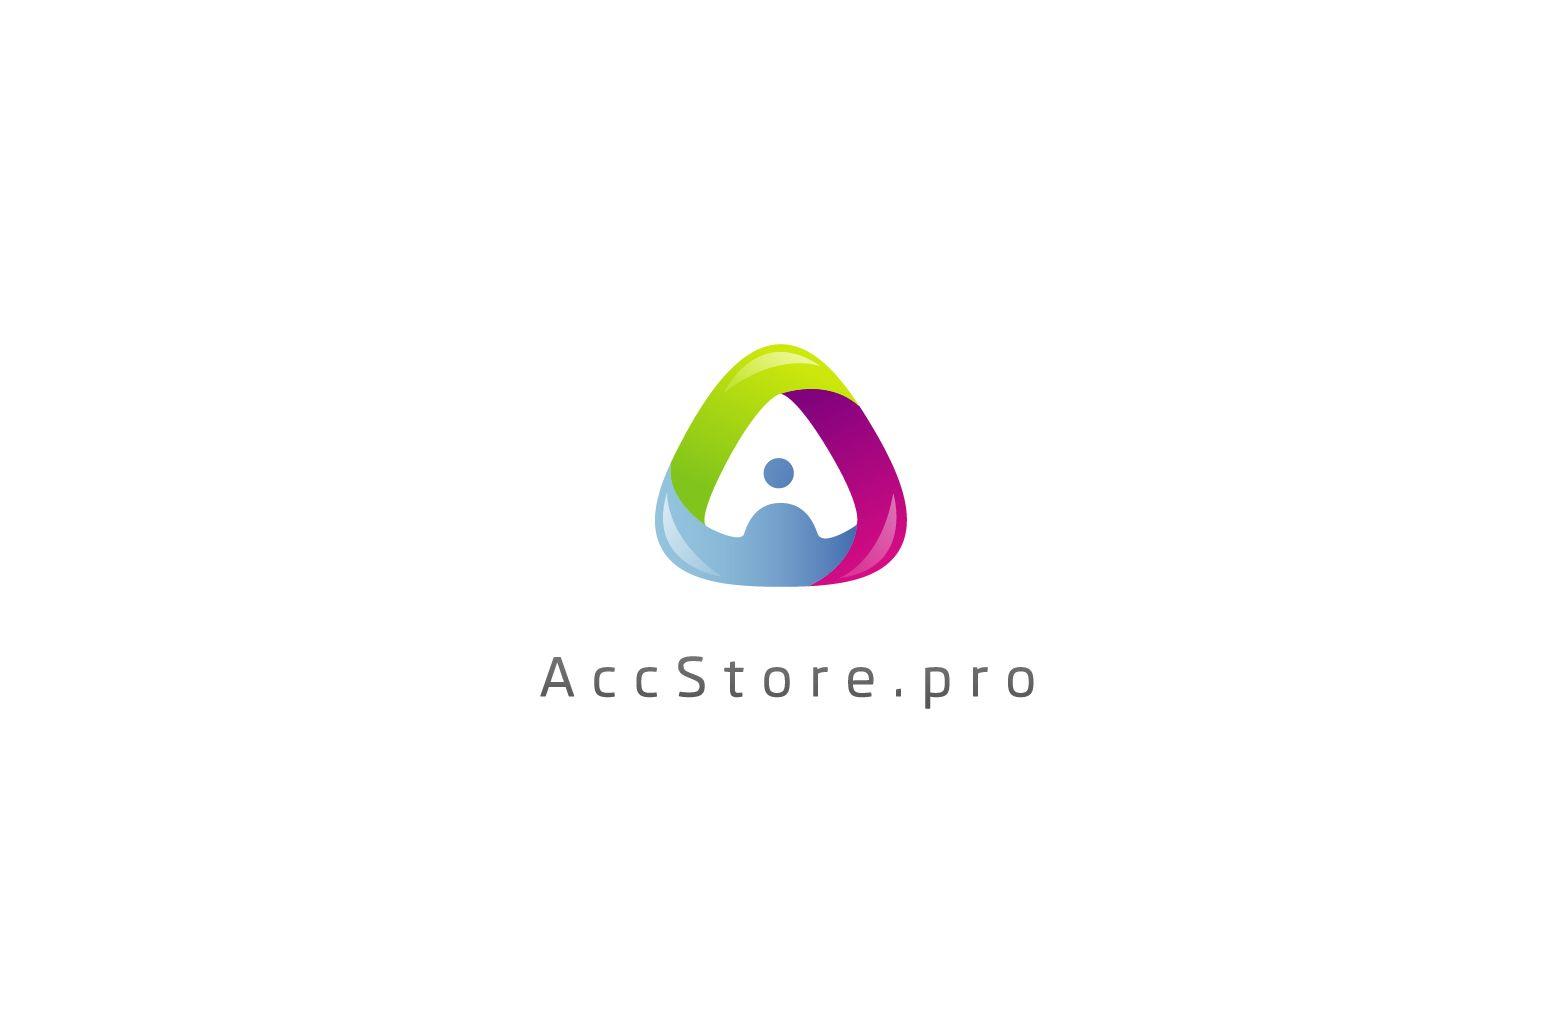 Логотип для магазина аккаунтов - дизайнер zet333